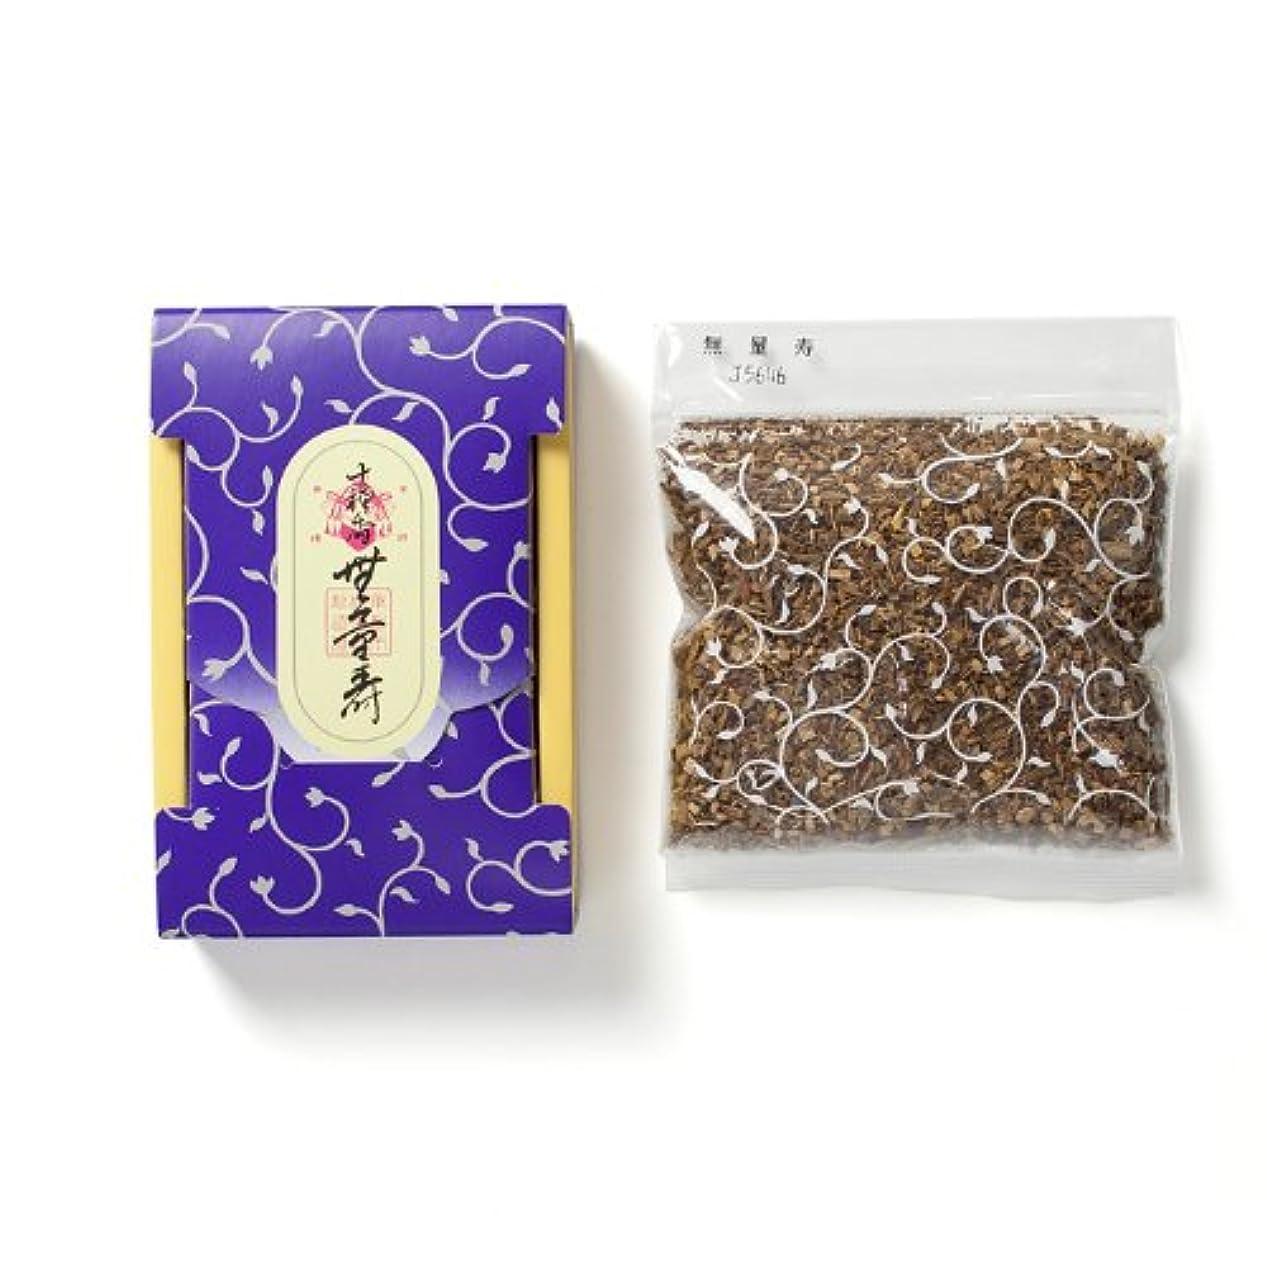 可能理由延期する松栄堂のお焼香 十種香 無量寿 25g詰 小箱入 #410841